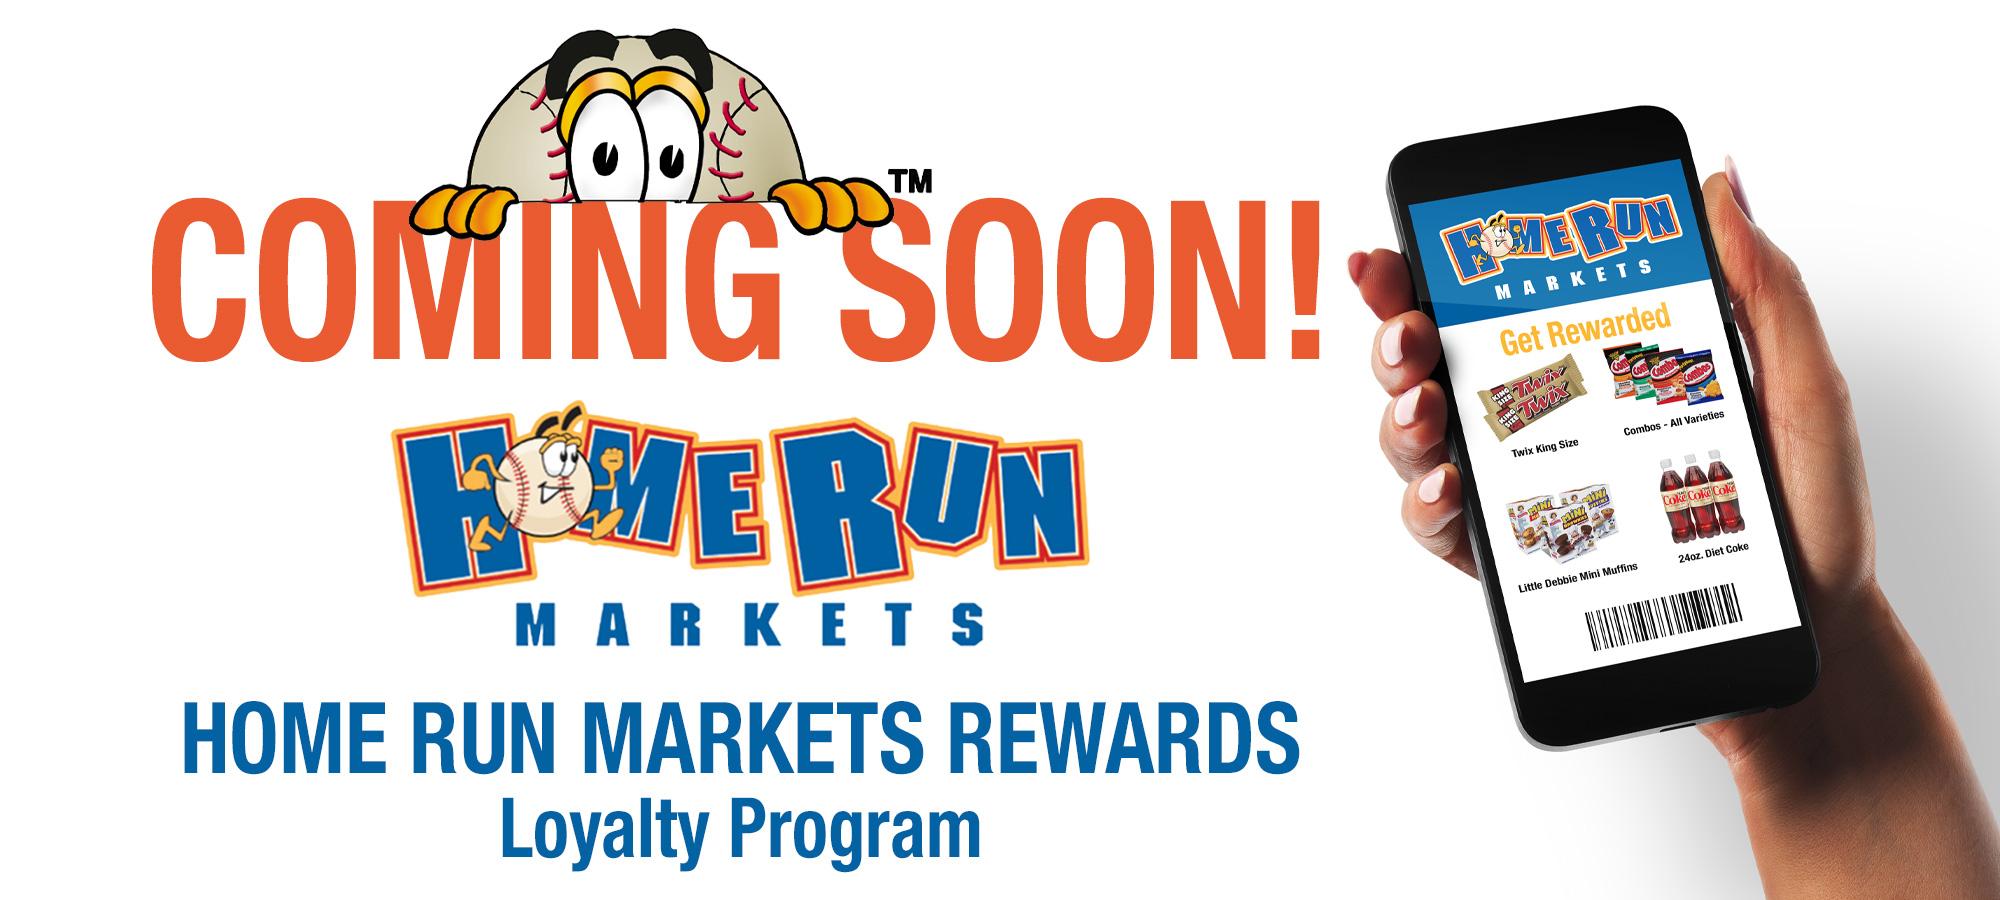 Home Run Markets Rewards